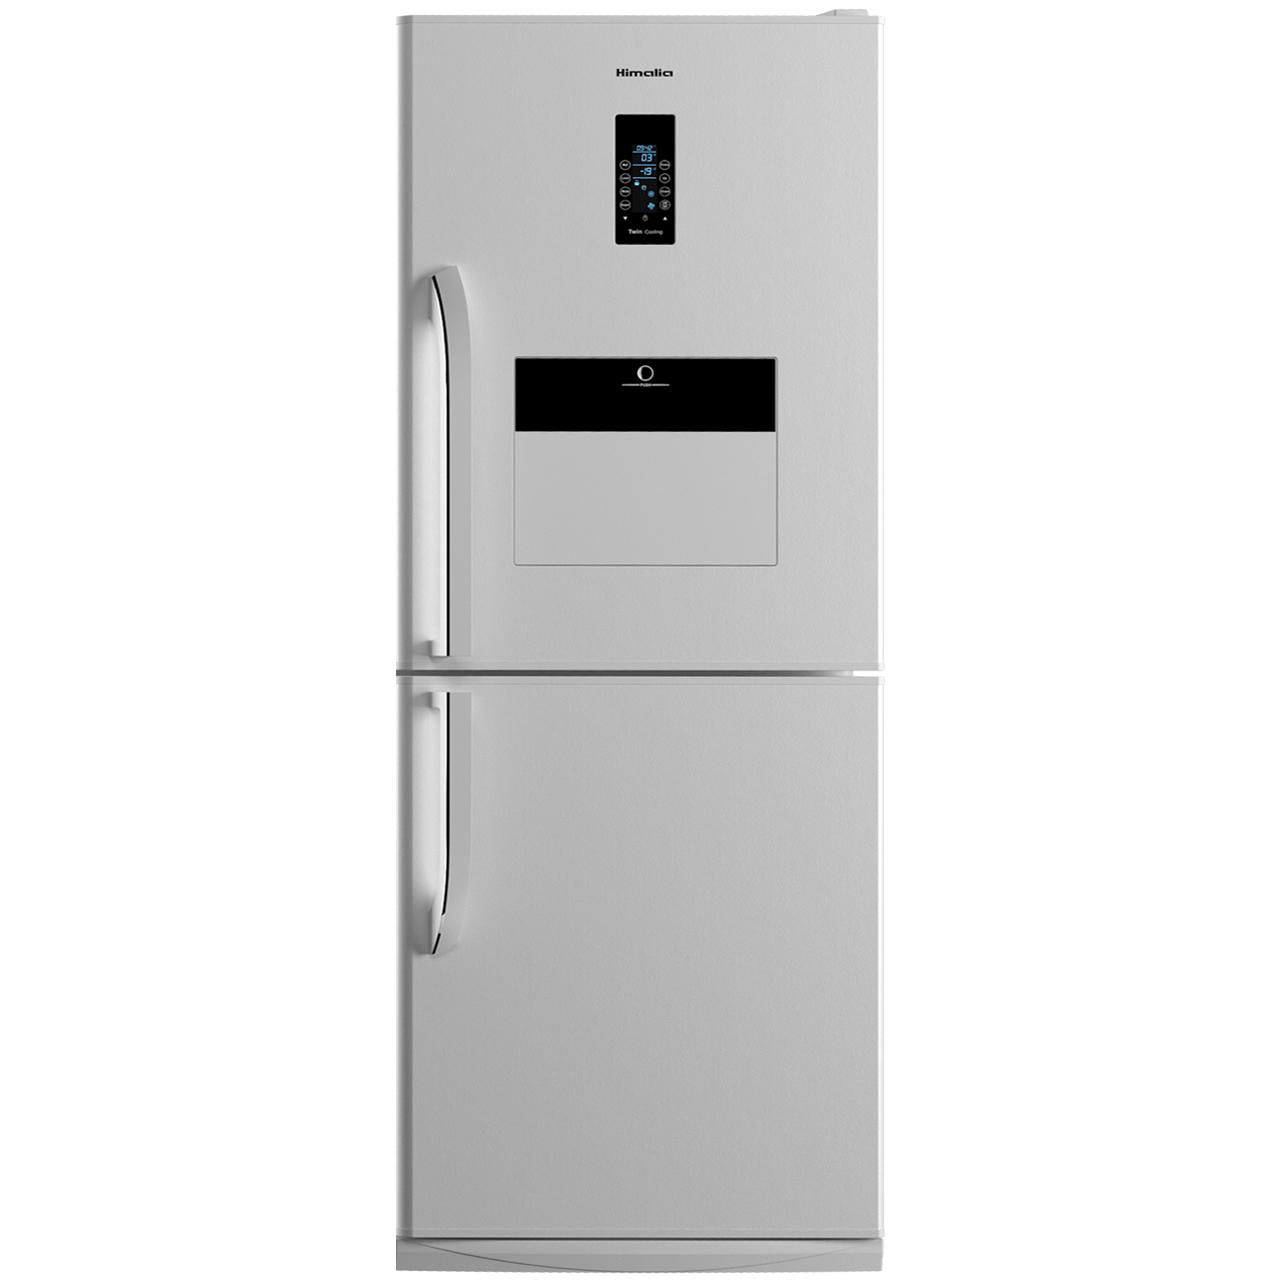 یخچال فریزر هیمالیا مدل کمبی 530 نقره ای نوفراست هوم بار | Himalia Combi-530 Silver No Frost Refrigerator With Homebar